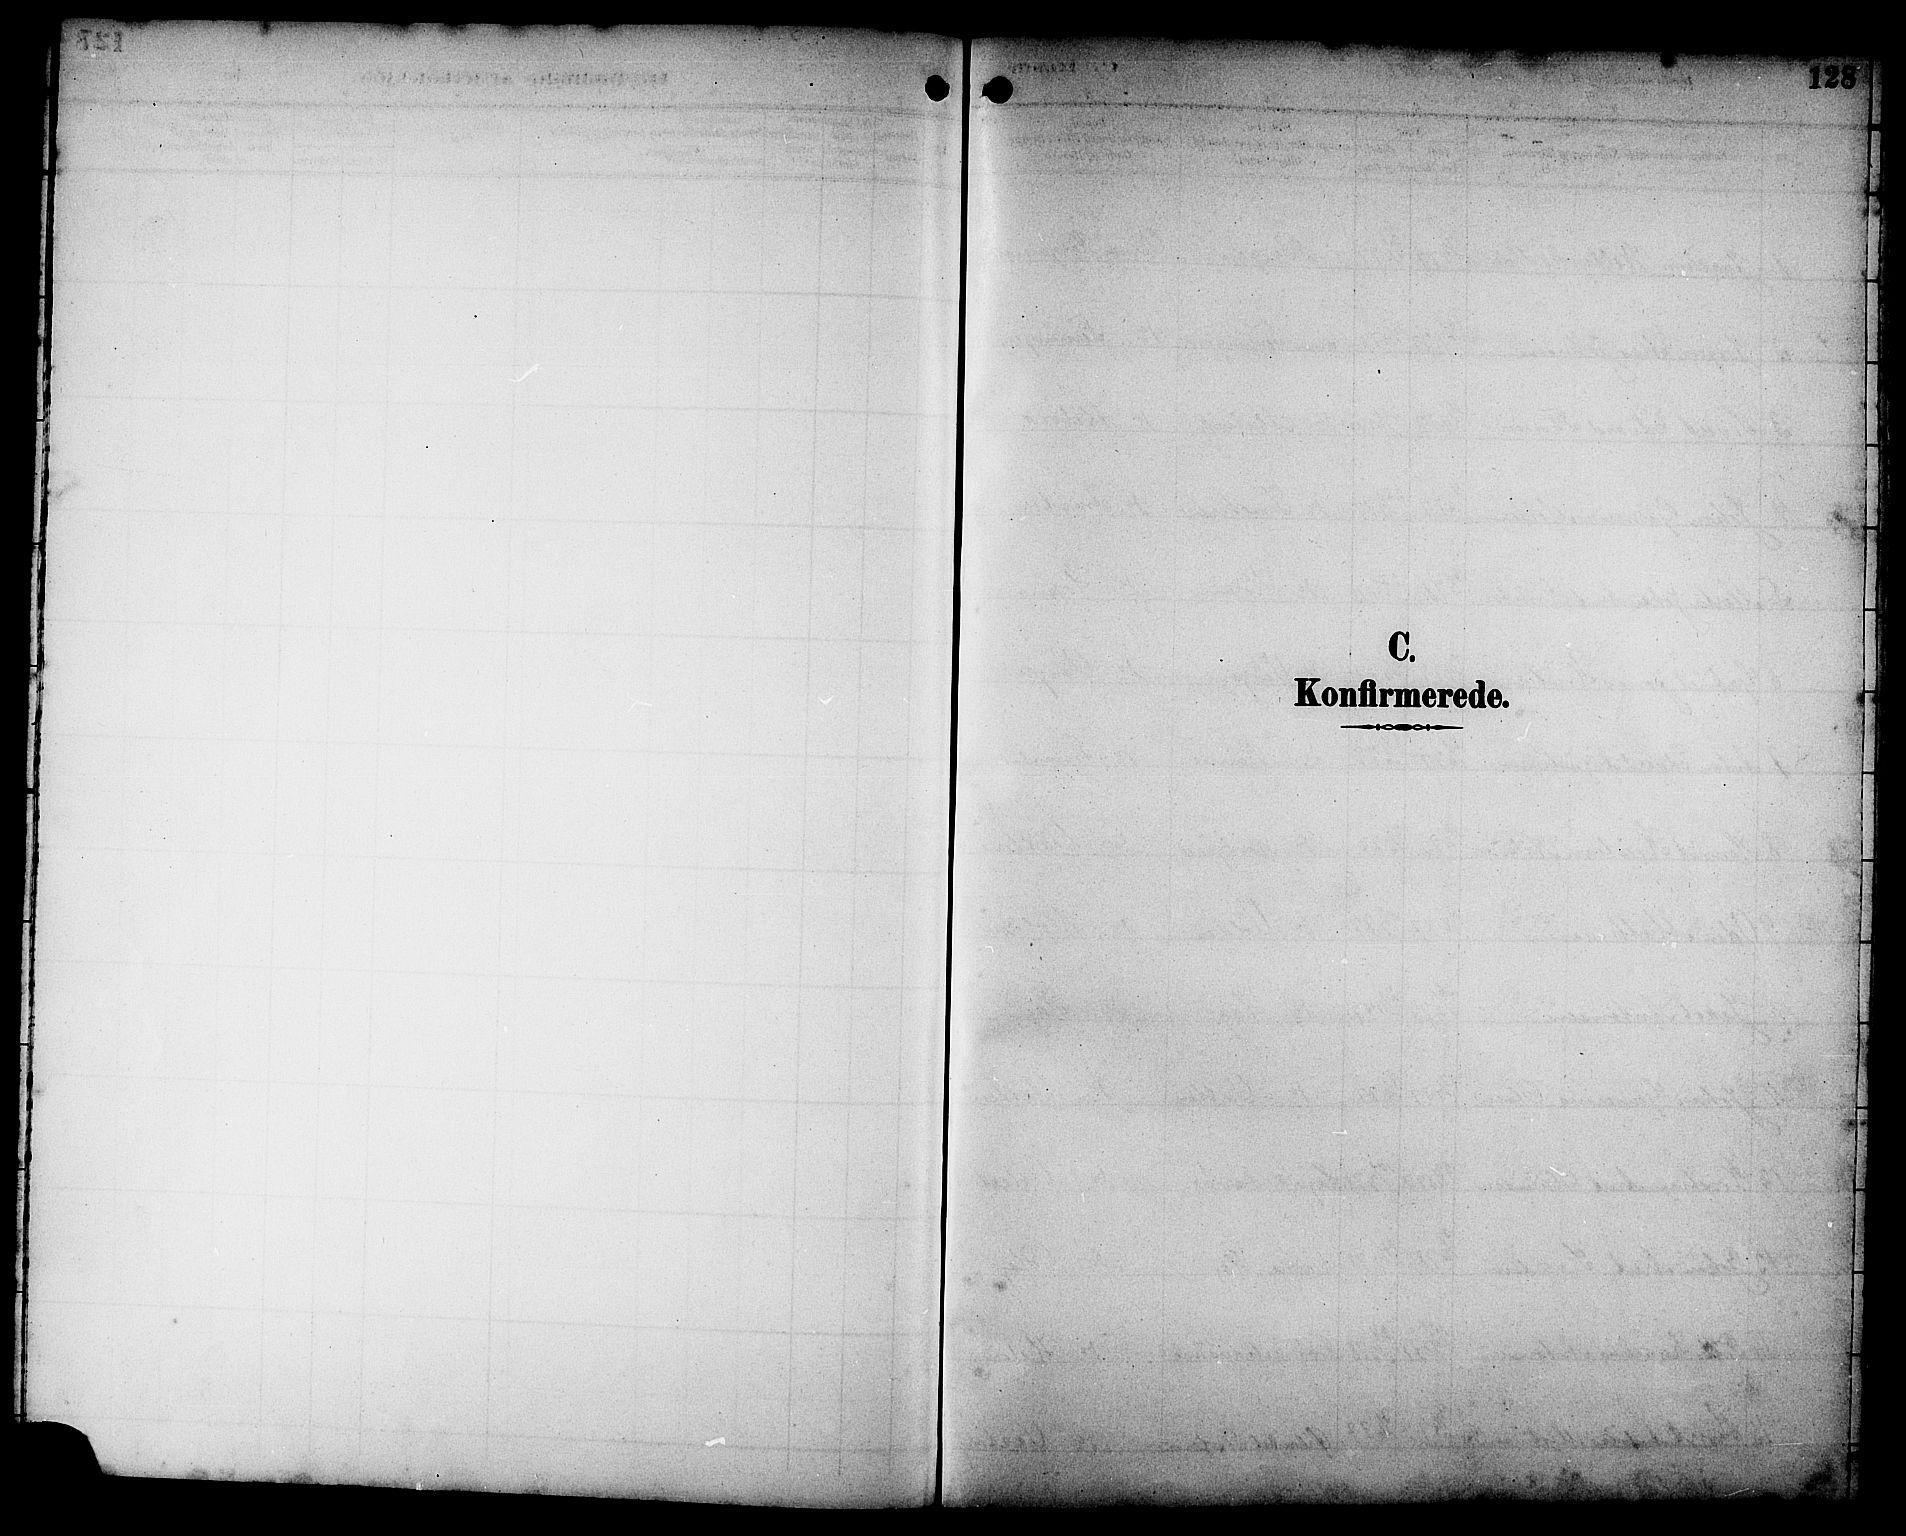 SAT, Ministerialprotokoller, klokkerbøker og fødselsregistre - Sør-Trøndelag, 662/L0757: Klokkerbok nr. 662C02, 1892-1918, s. 128